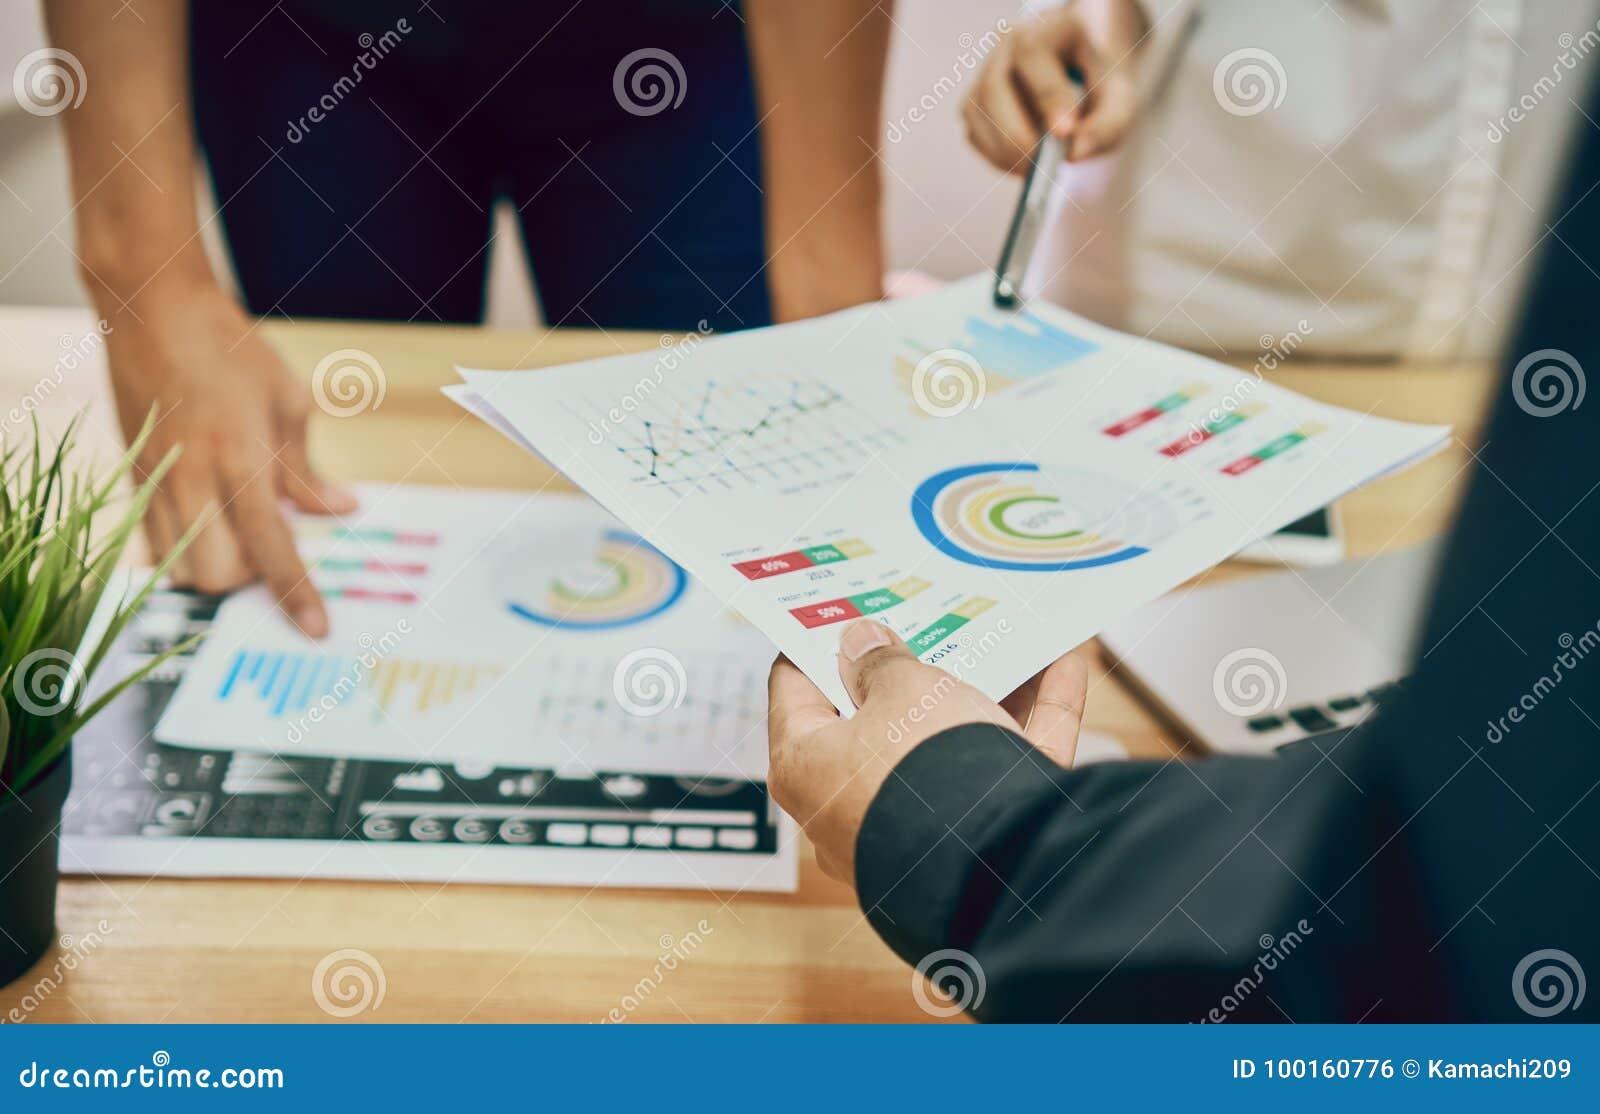 Os trabalhos de equipa estão analisando estratégias do trabalho Para encontrar a melhor maneira de crescer uma empresa